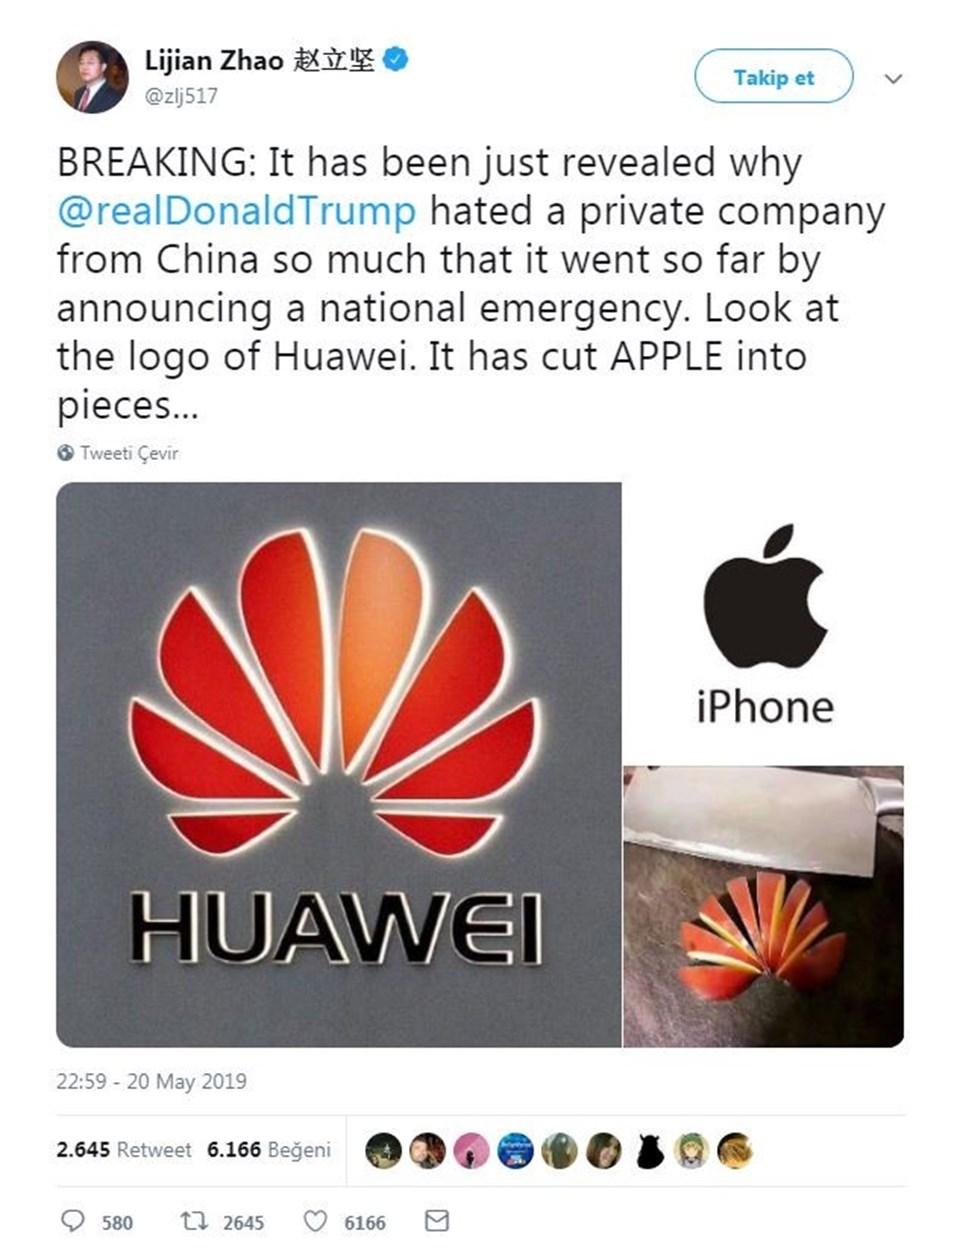 İşte Çinli diplomatın Apple cihazıyla attığı o tweet. Huawei logosu=dilimlenmiş elma.